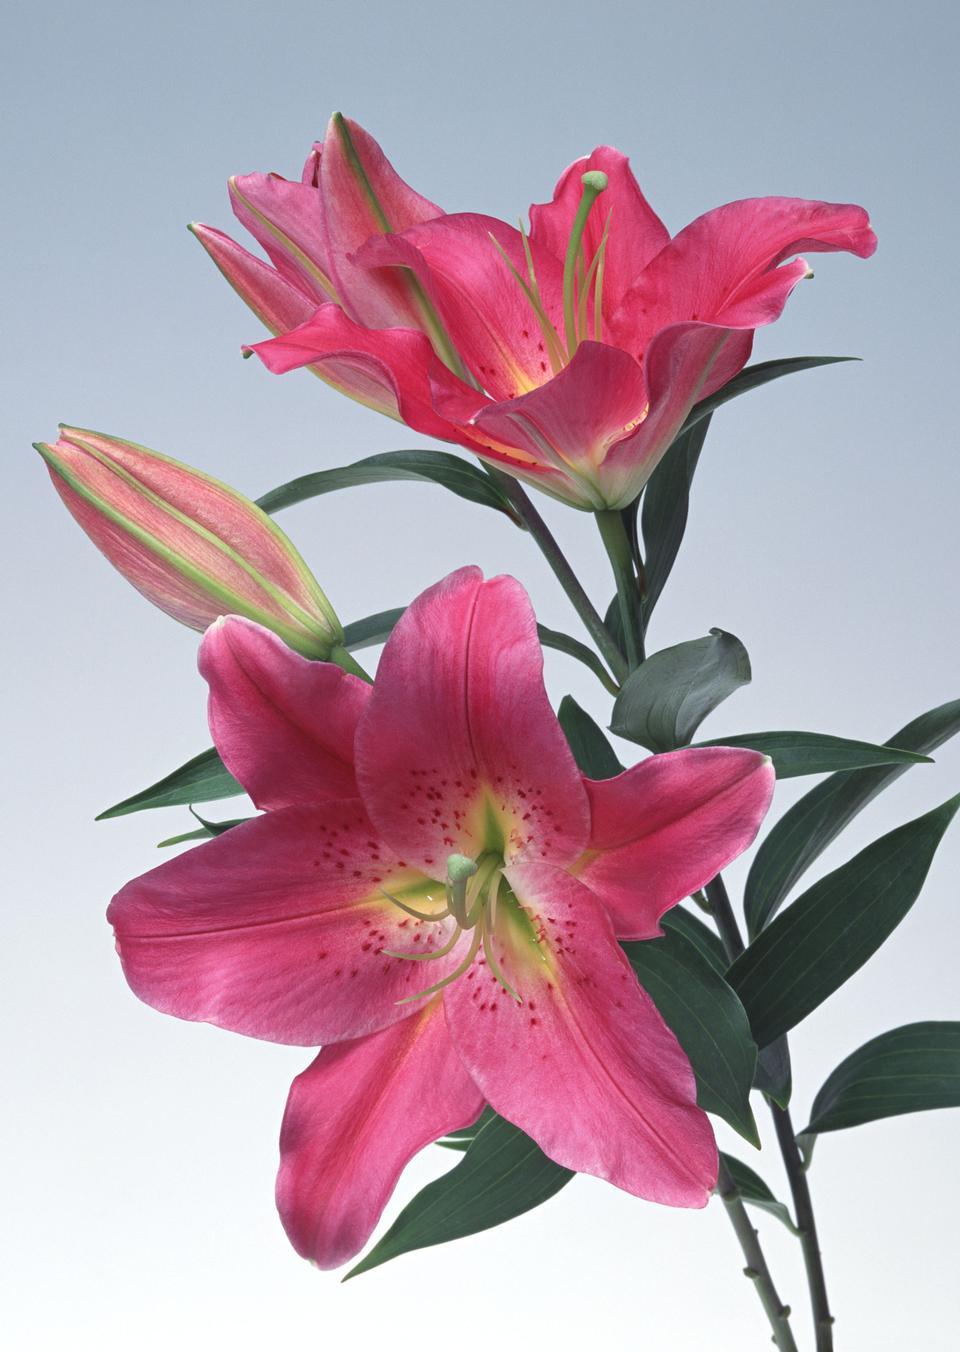 Zephyr Blume, Nahaufnahme. Allgemeine Namen umfassen Fairy Lily